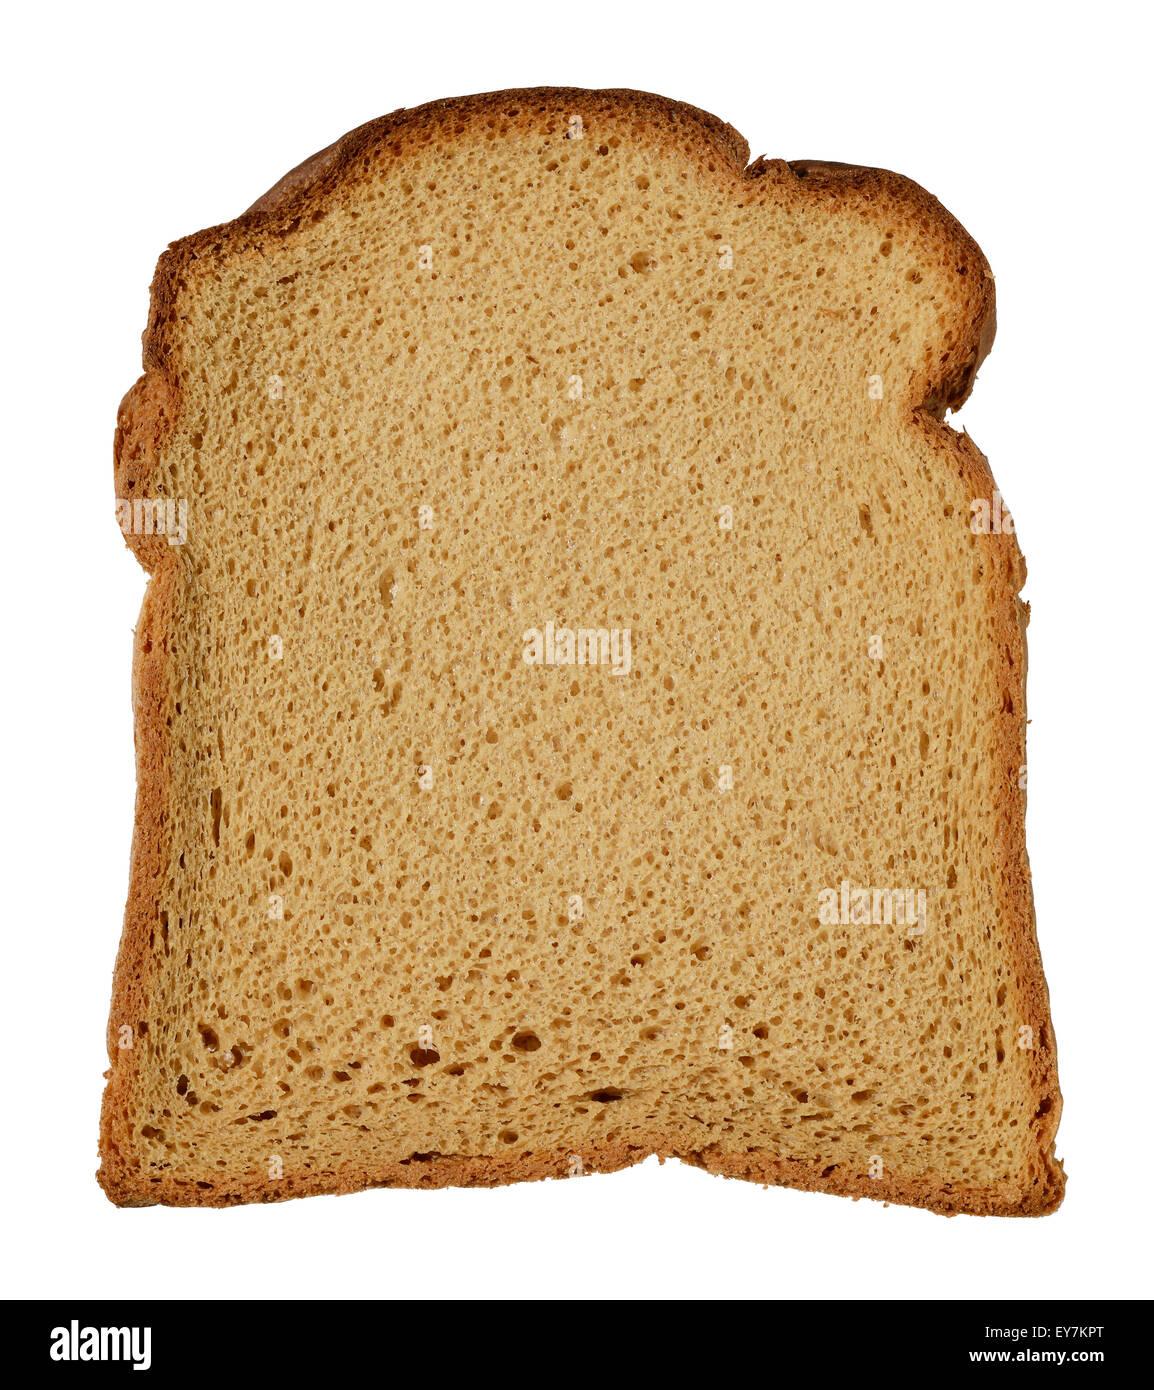 Una fetta di glutine di frumento caseificio libero libero pane marrone Immagini Stock